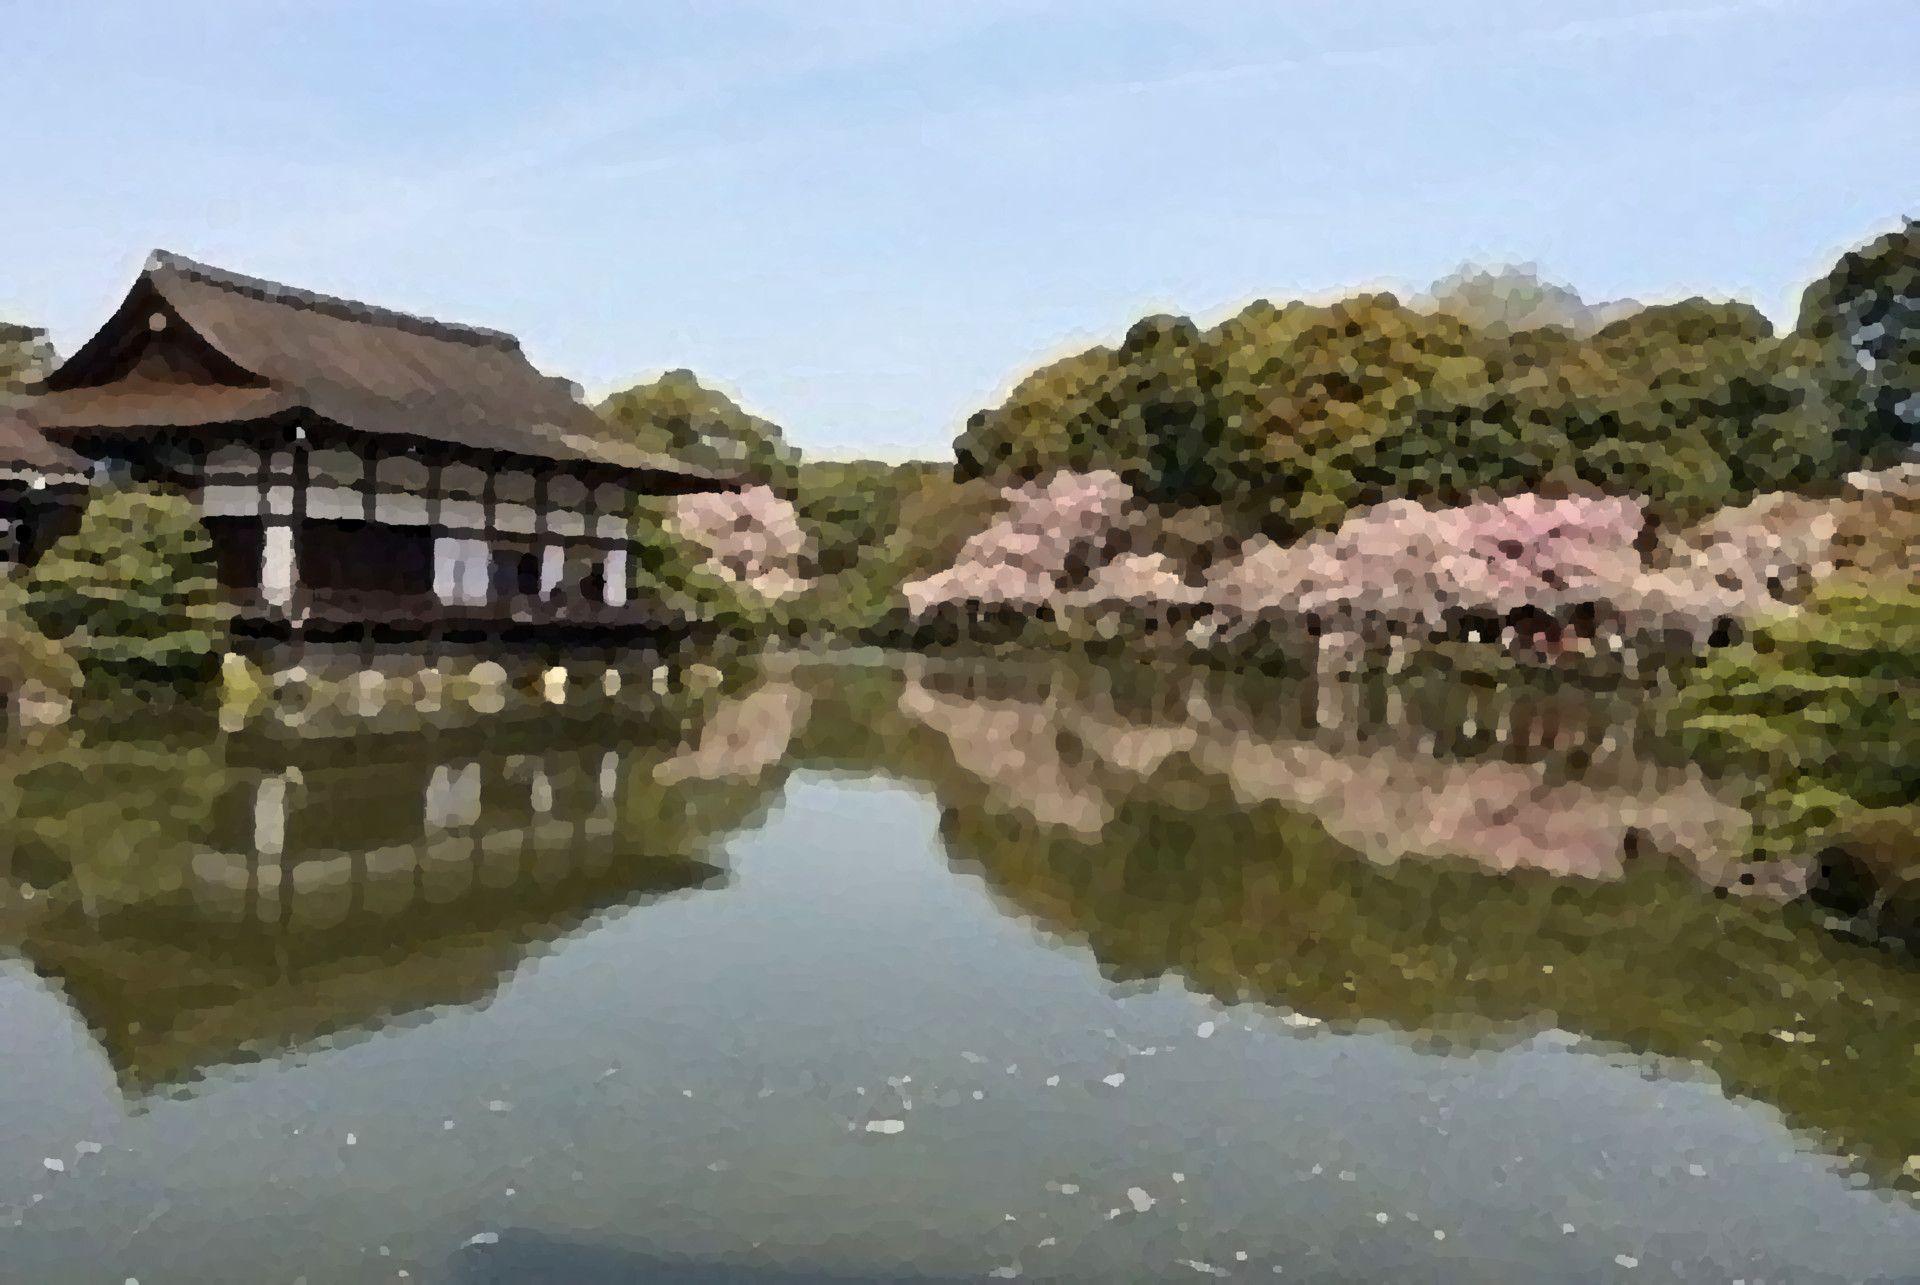 Tia gorman imperial garden